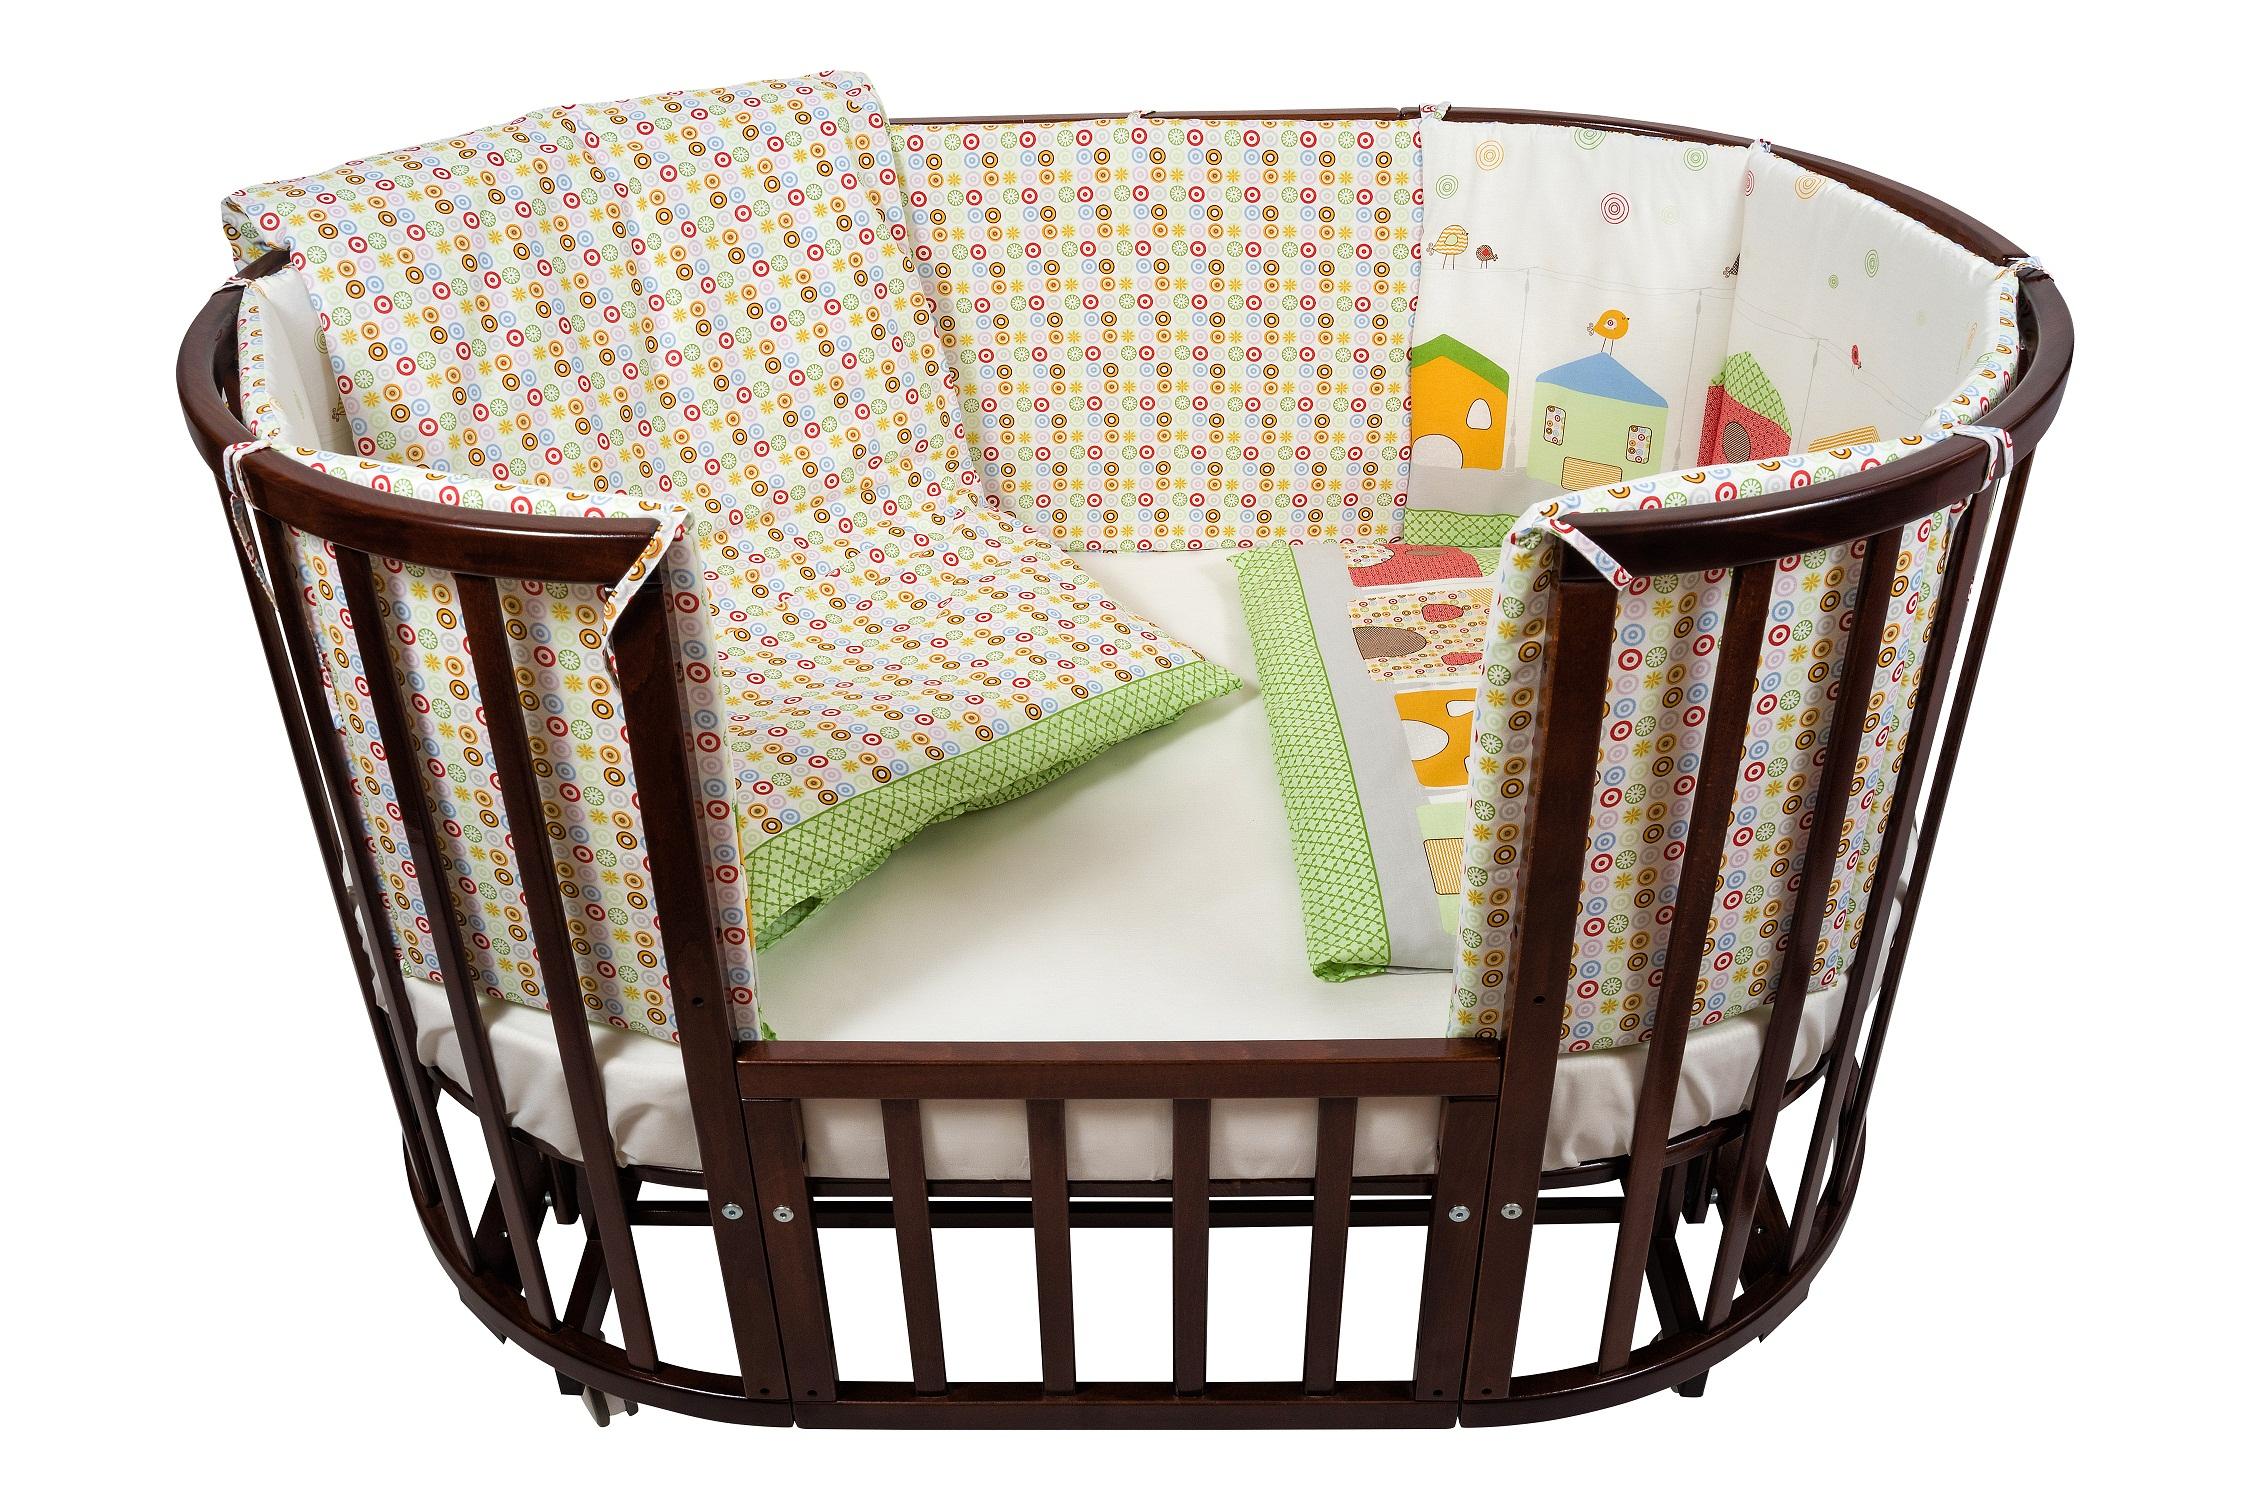 Комплект для кроватки Nuovita - Case, 6 предметов, зеленыйДетское постельное белье<br>Комплект для кроватки Nuovita - Case, 6 предметов, зеленый<br>